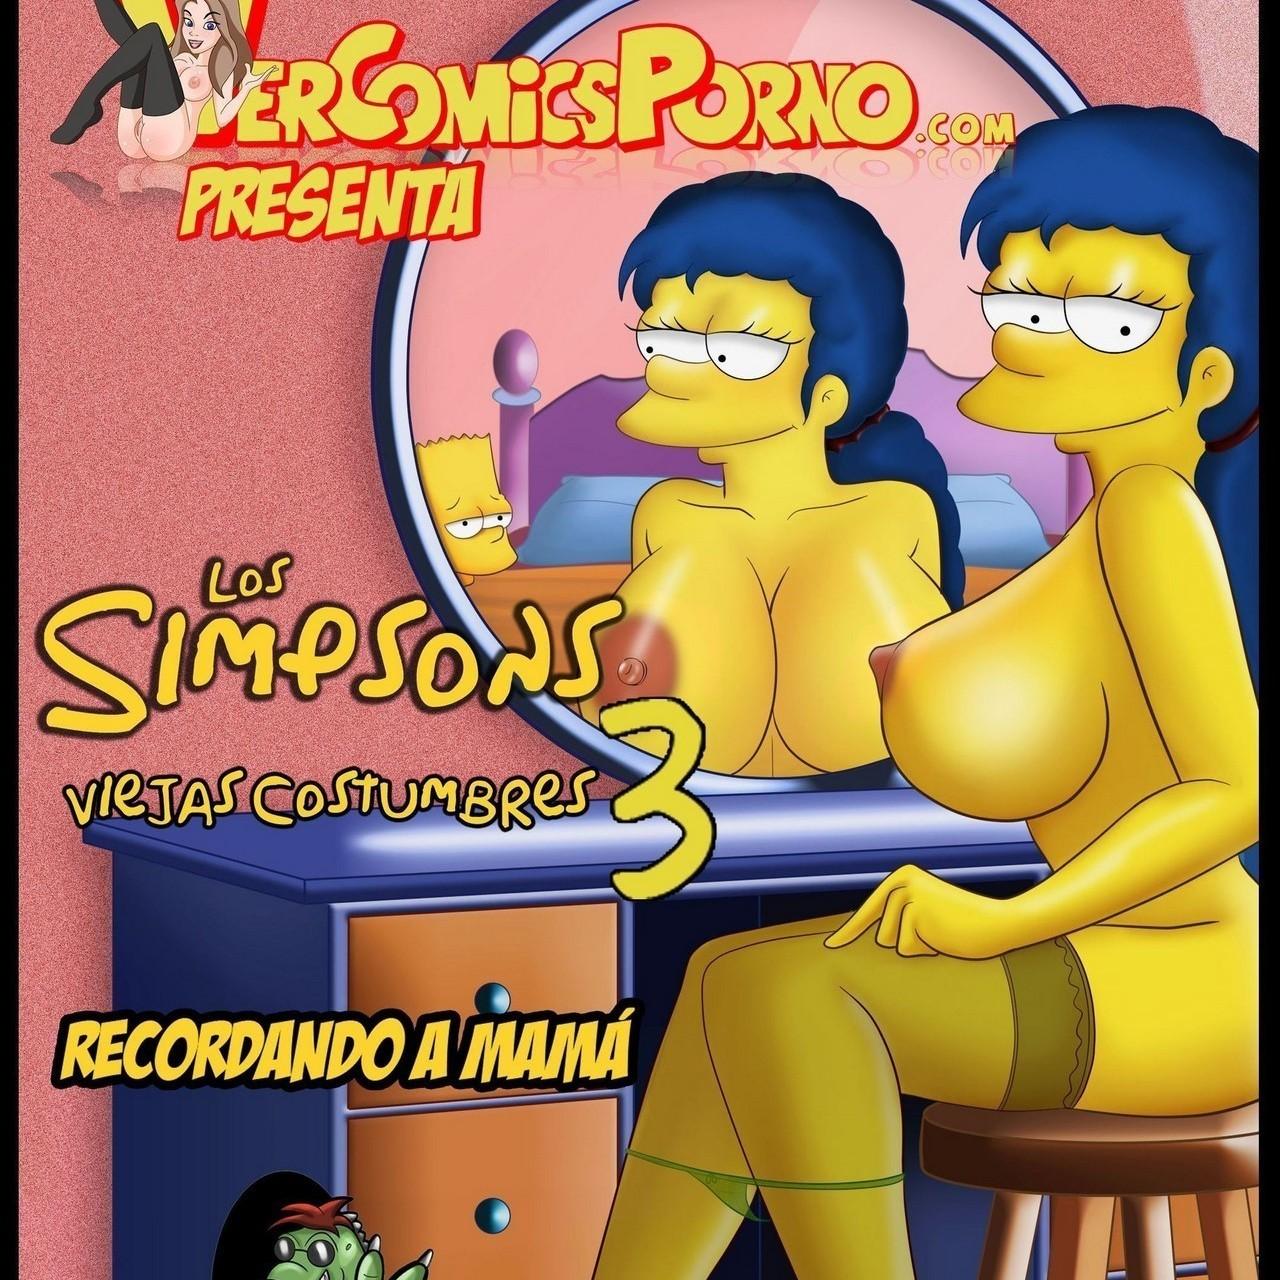 Los Simpson - Viejas Costumbres 3 (Bart y Marge cogiendo)